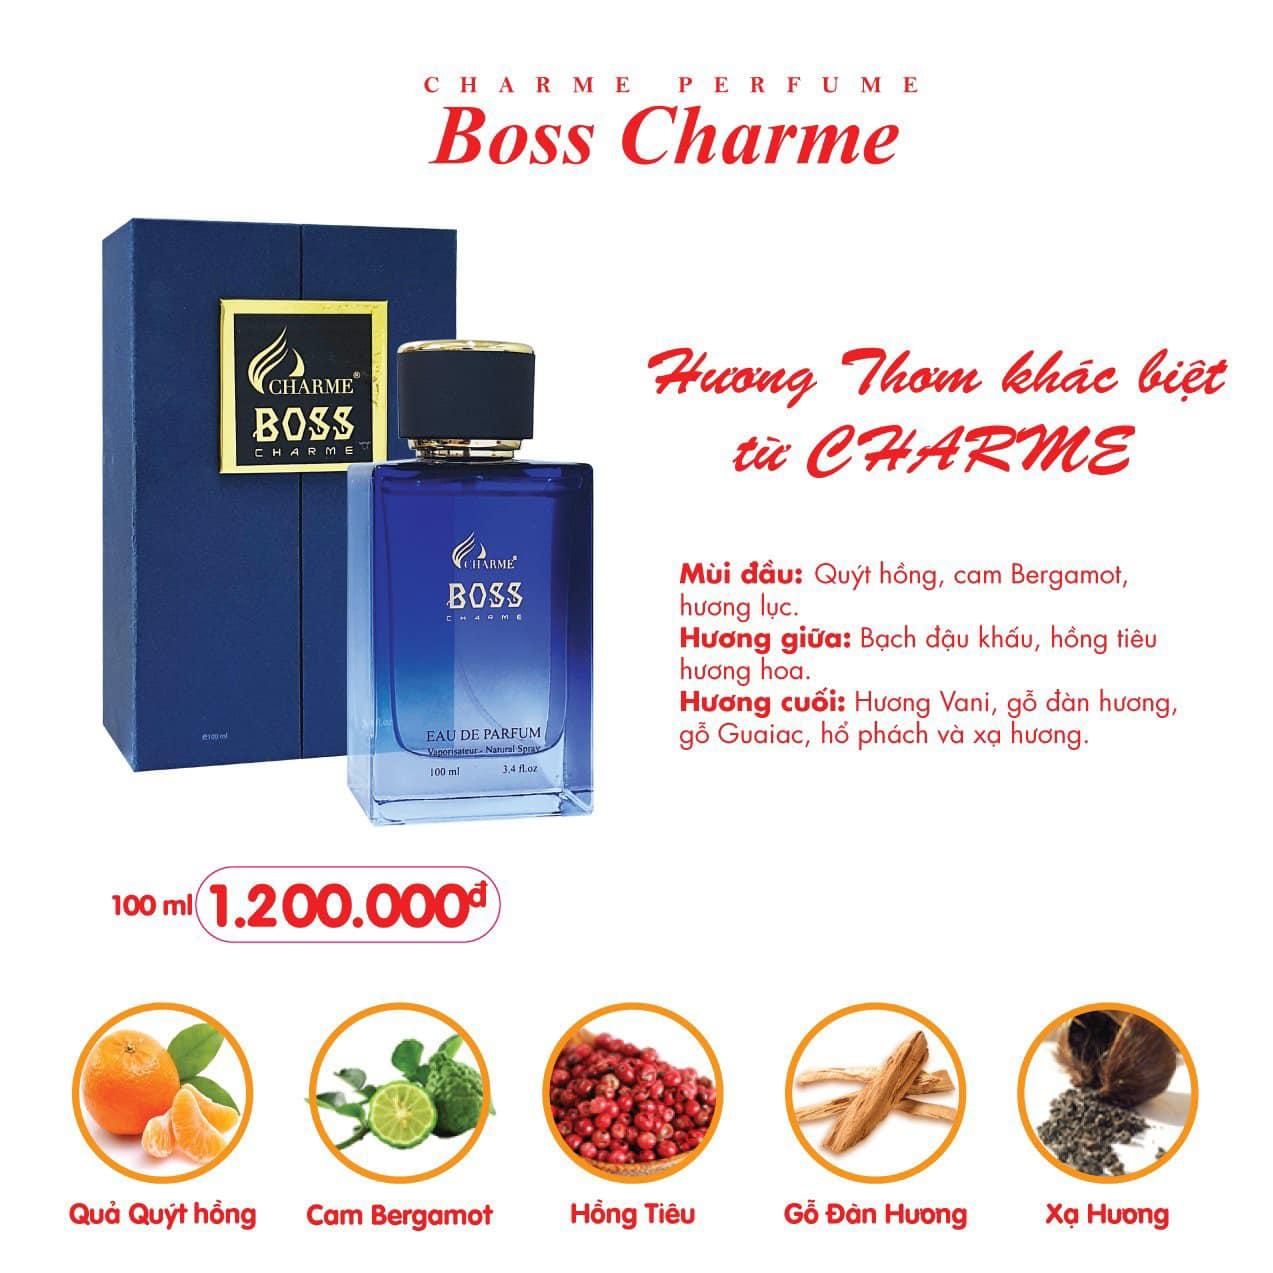 Nước Hoa Charme Boss Charme 100ml Nam Chính Hãng✅Tặng Quà Hot